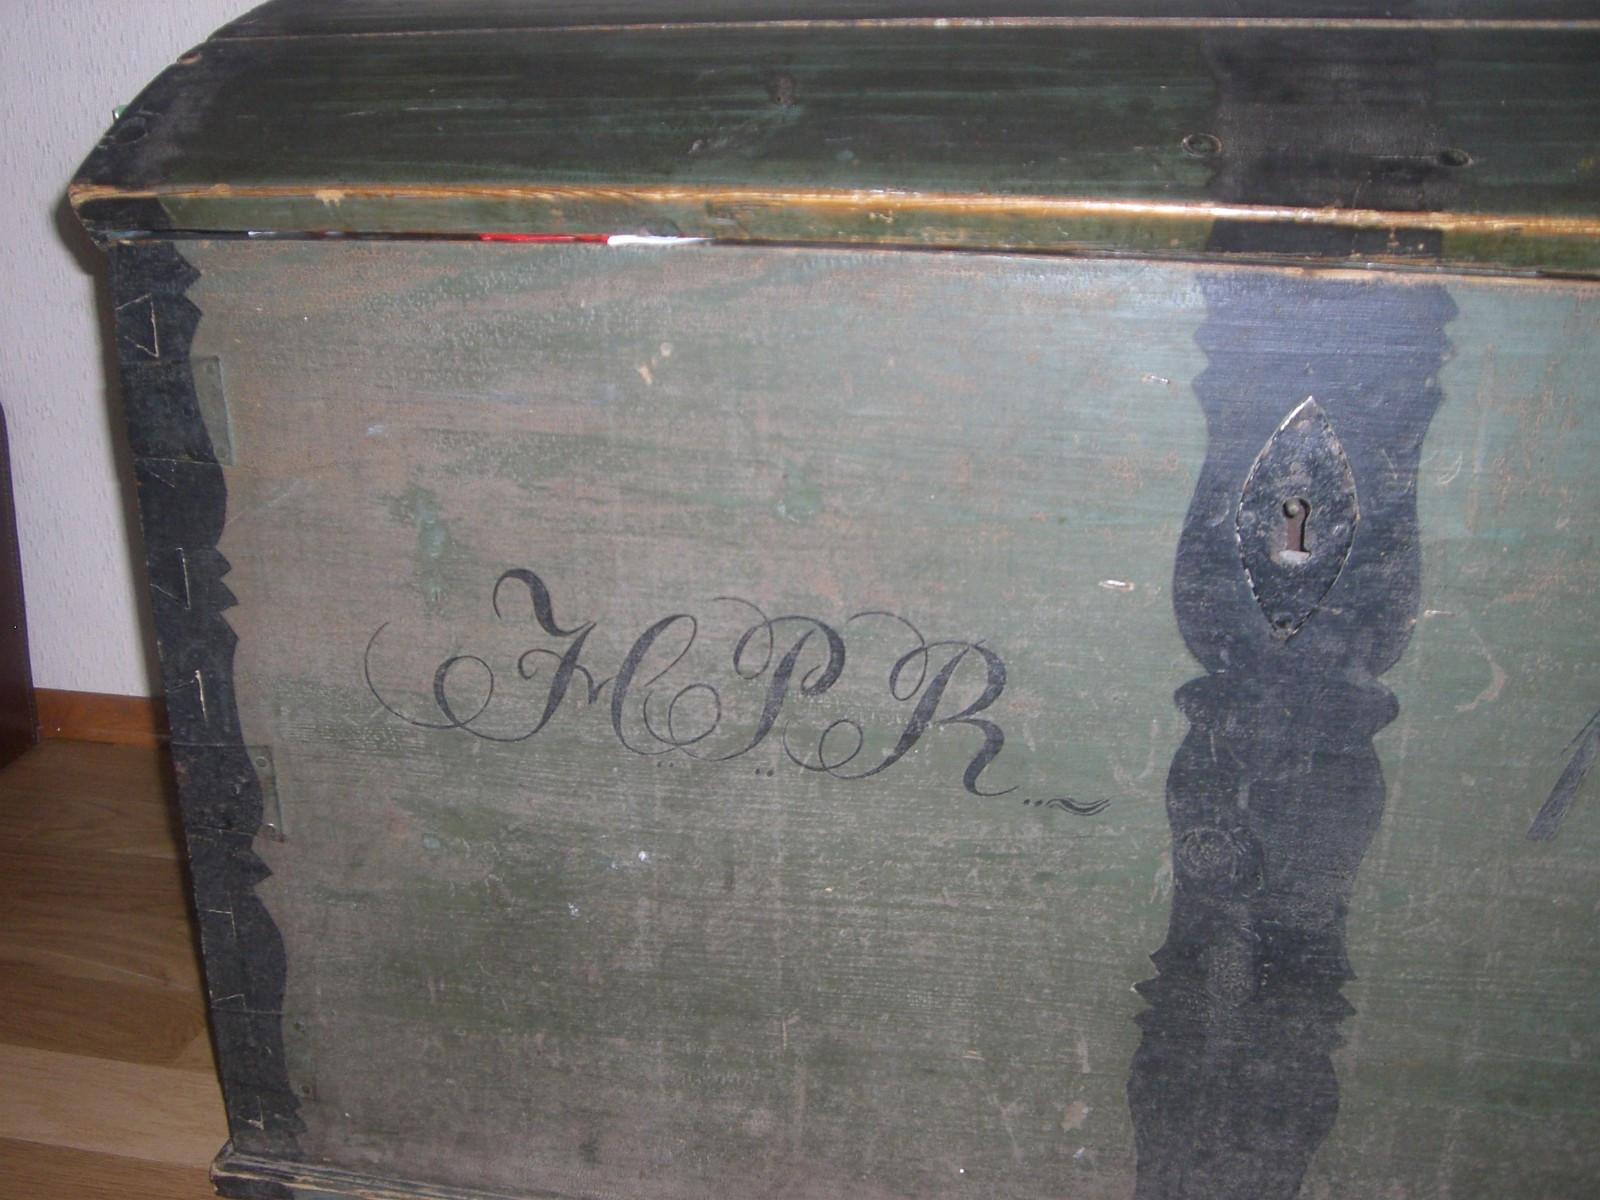 Gammel kiste til salgs fra 1827 - Gjettum  - Kistens mål er: lengde 120 cm. bredde 60 cm. høyde 65cm. Kisten er fra 1827. Tar gjerne imot bud. - Gjettum